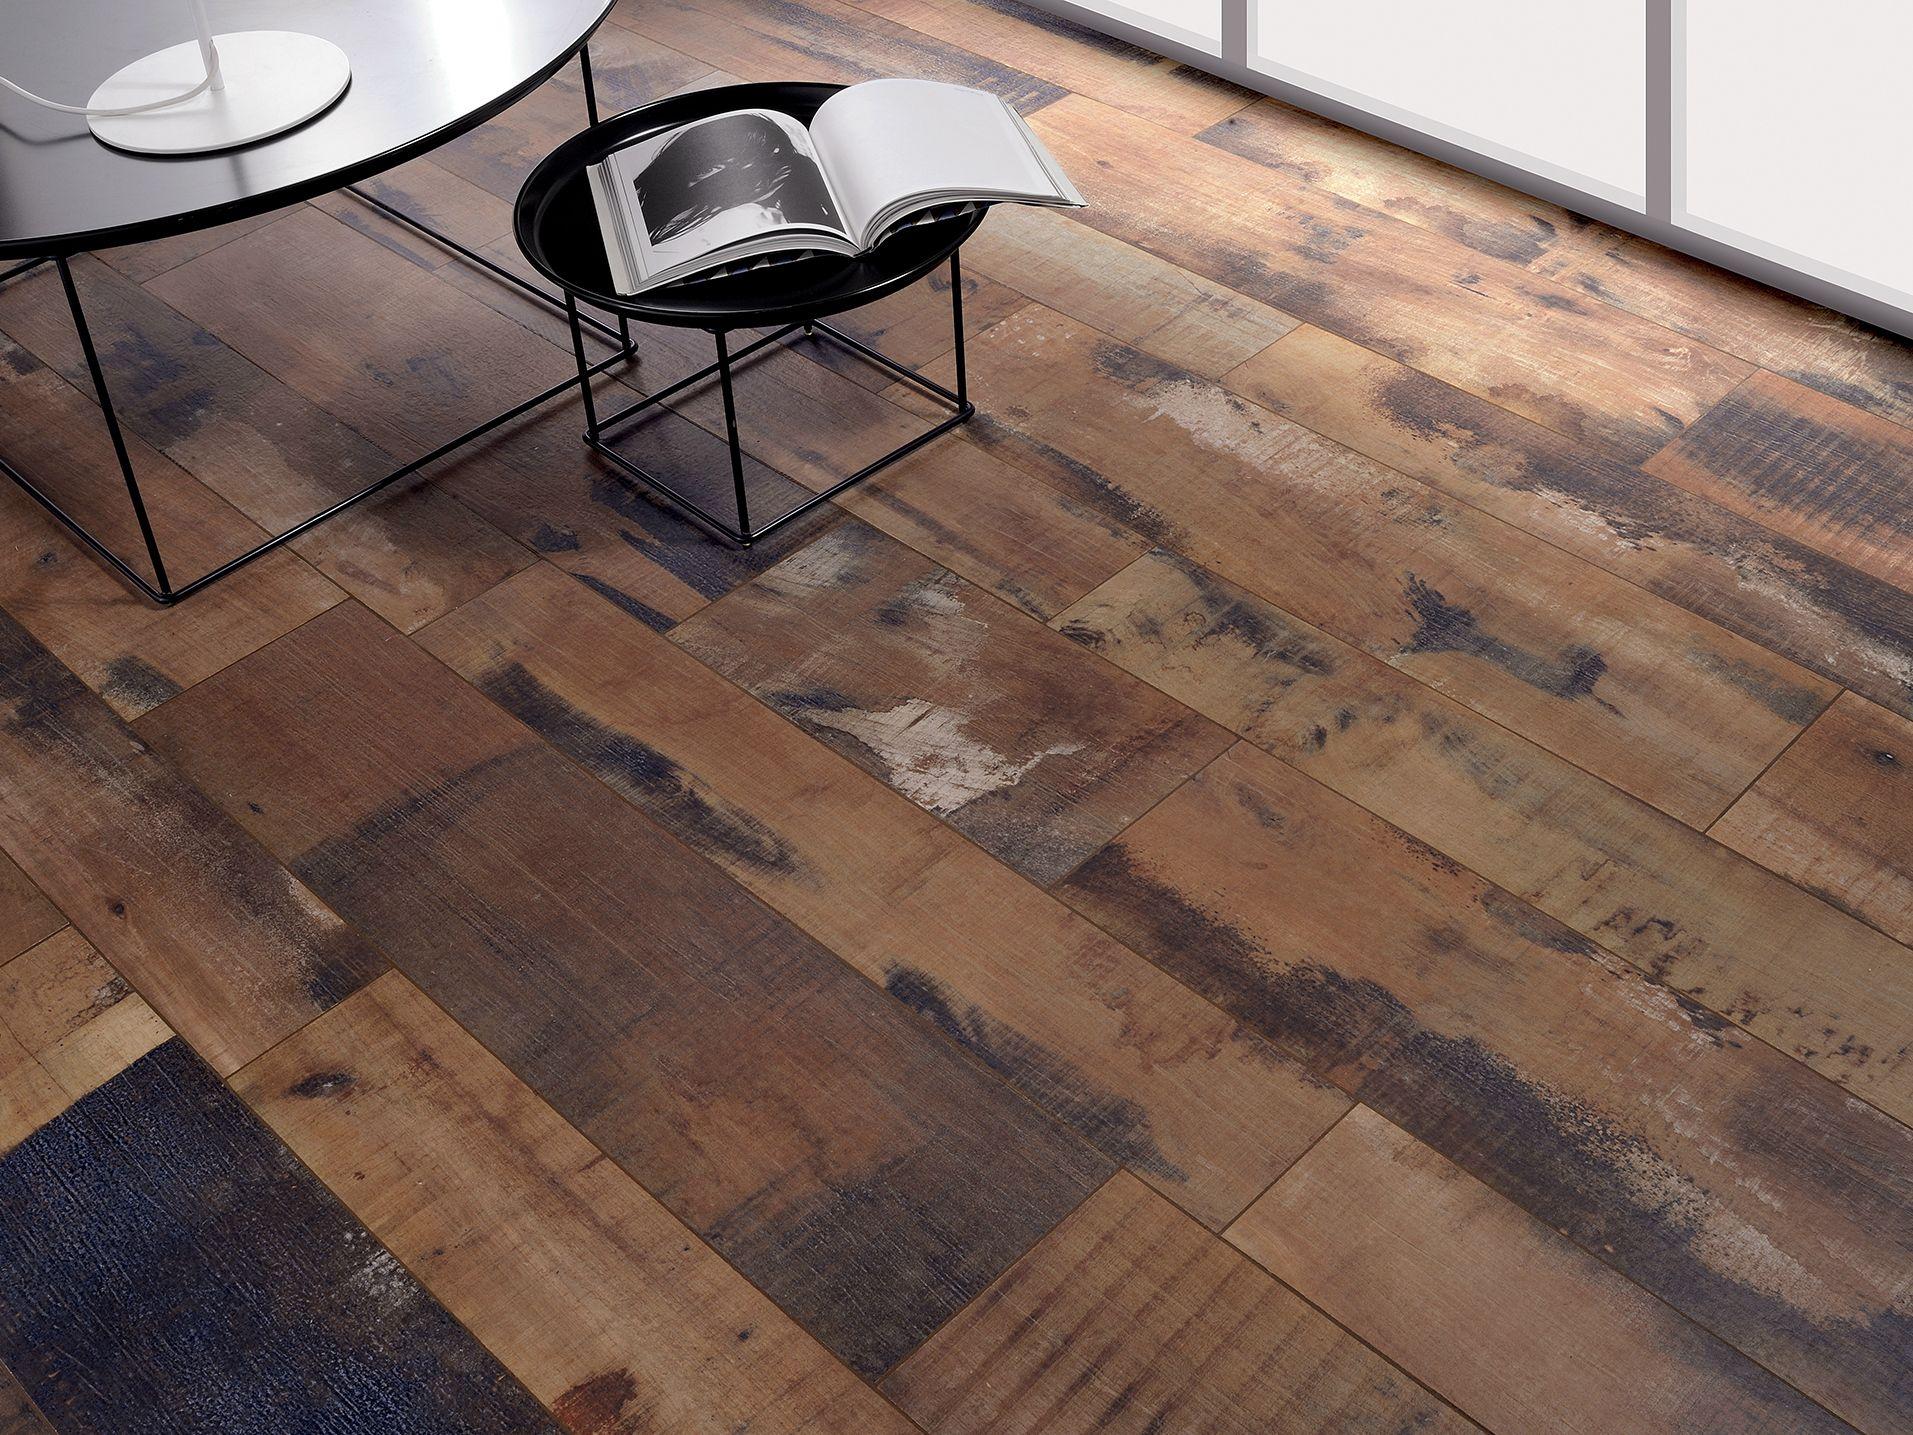 Cer micas pavimentos revestimientos en menorca suelos - Suelo de ceramica imitacion madera ...